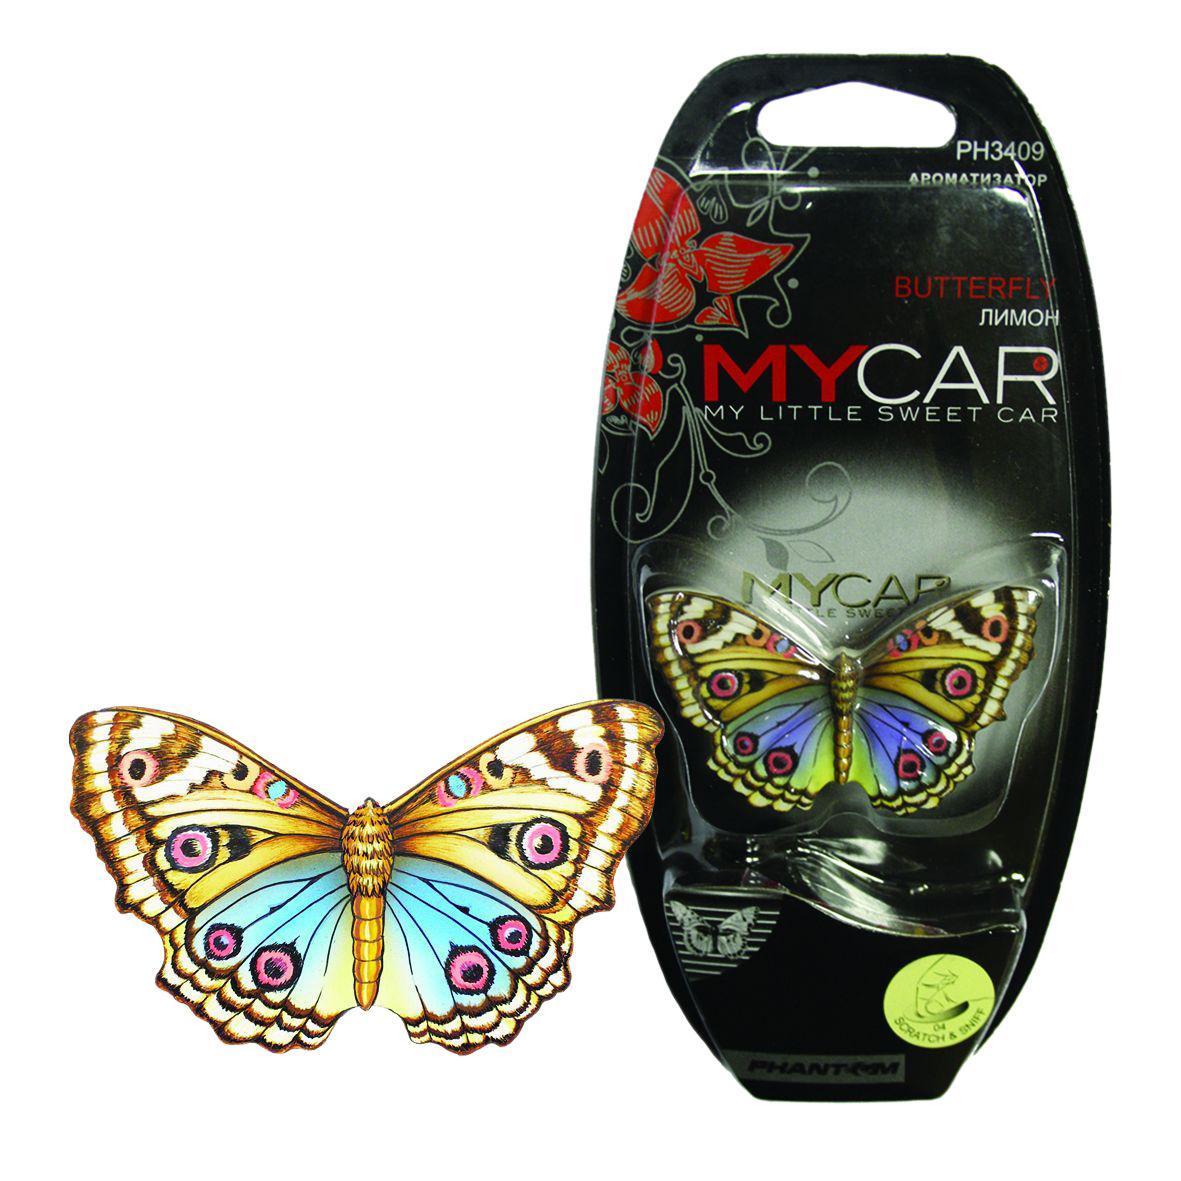 Ароматизатор для салона автомобиля Phantom Бабочка, лимон3409Оригинальный ароматизатор нейтрализует посторонние запахи и наполняет воздух приятным свежим ароматом. Бабочка - это символ радости и любви. Ароматизатор выполнен из высококачественного пластика, идентичного керамике. Характеристики: Состав: пластик, ароматическая отдушка. Размер упаковки: 19 см 9 см х 2 см.